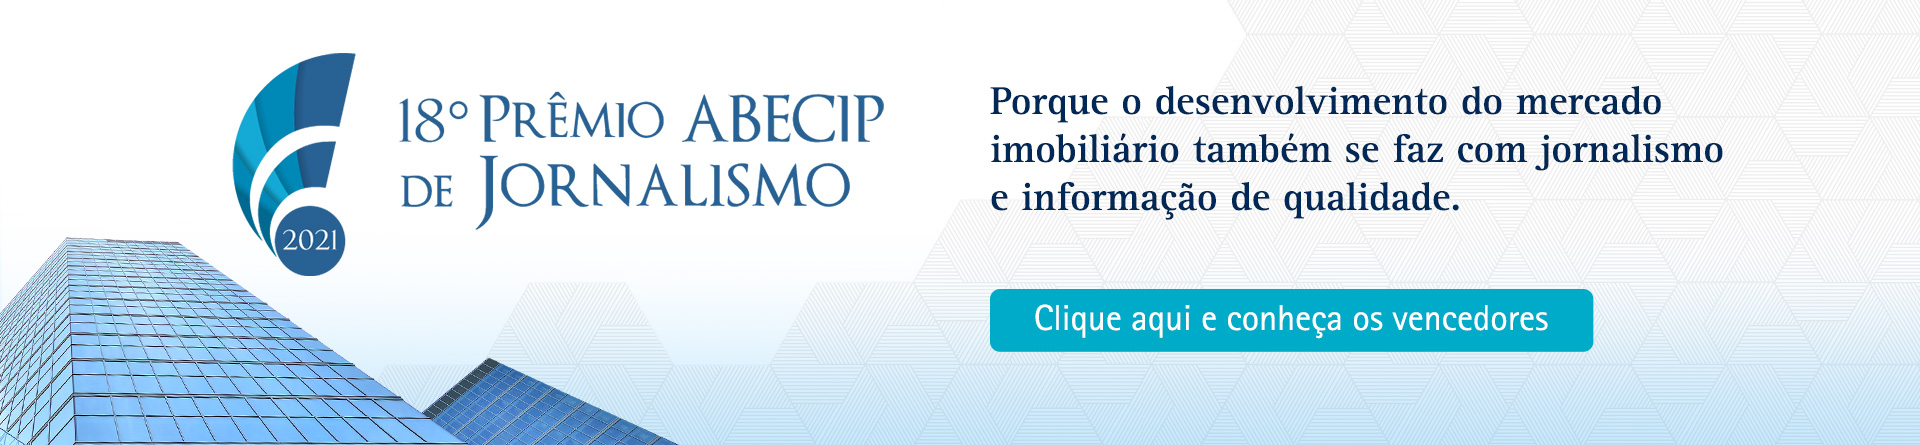 18° Prêmio Abecip de Jornalismo